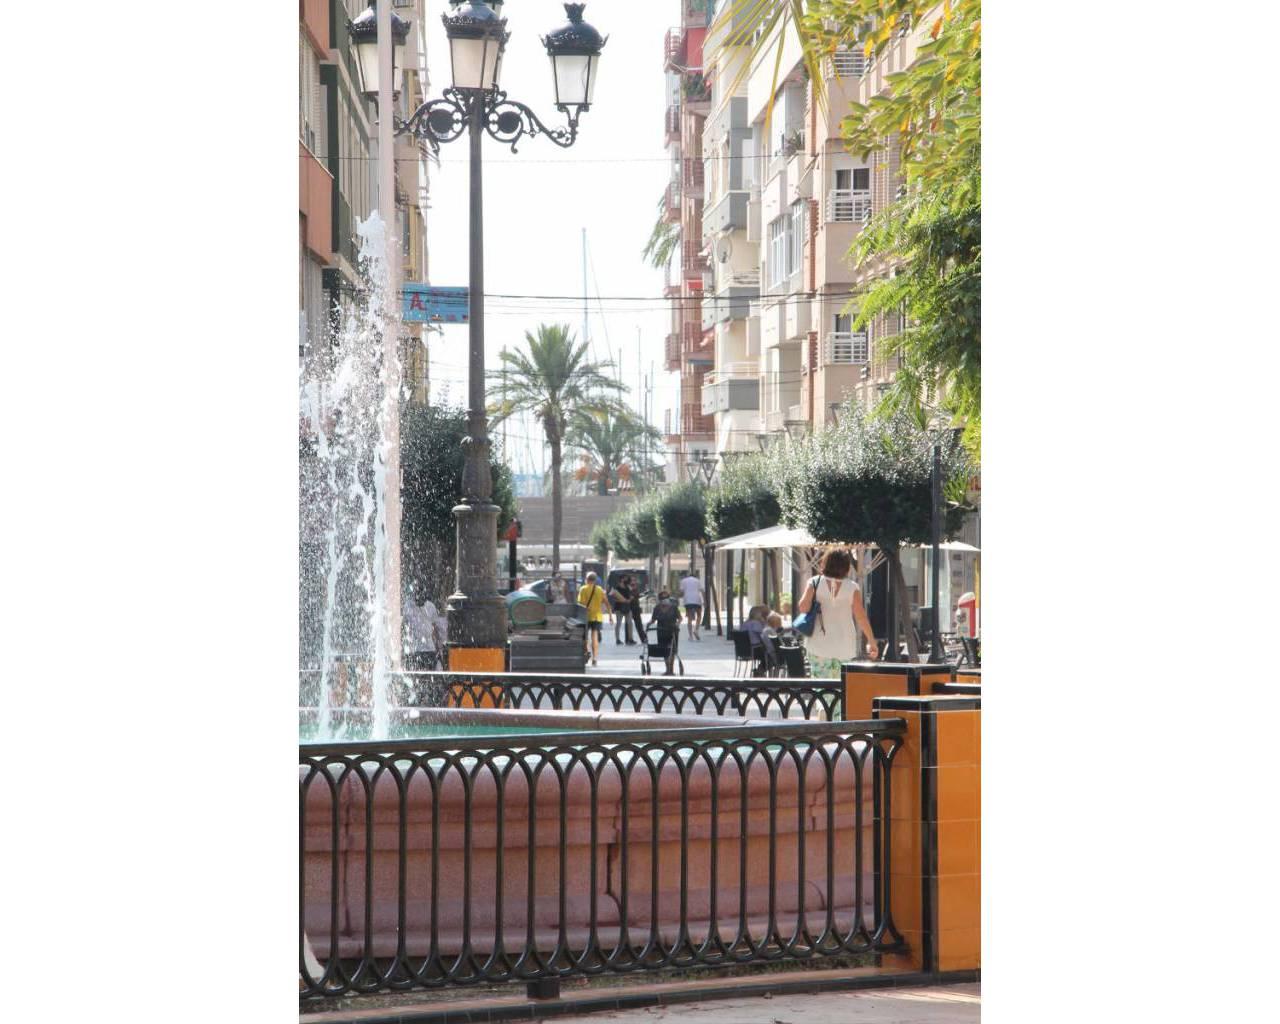 nieuwbouw-appartement-torrevieja-playa-del-cura_3825_xl